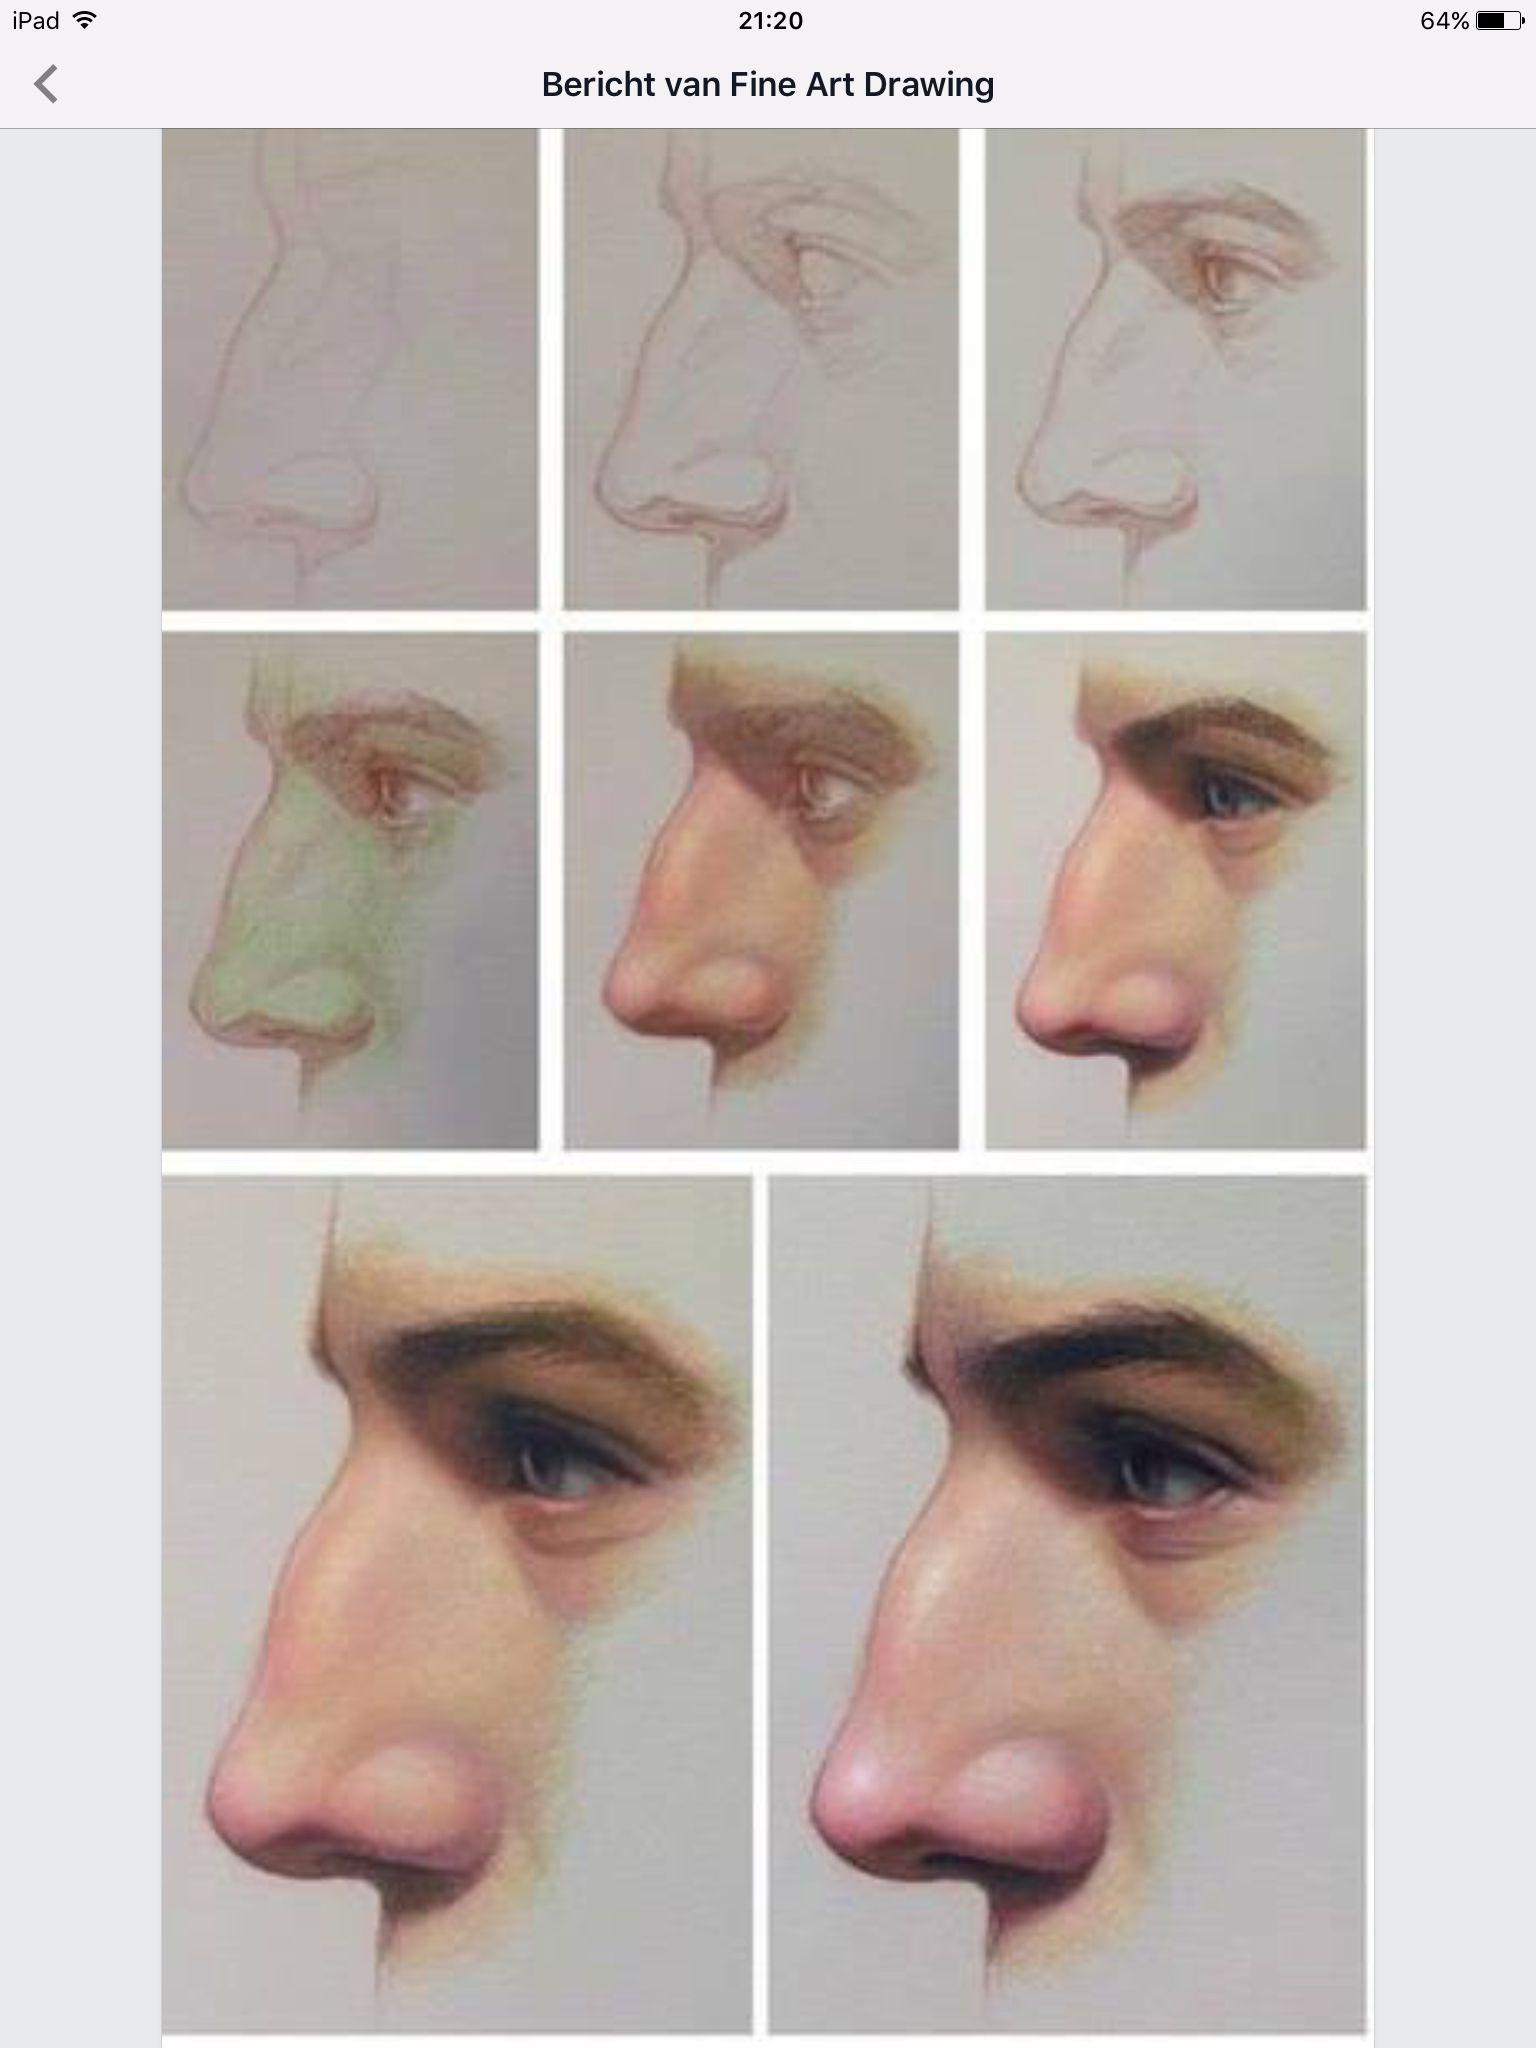 Pin von Gail auf Painting | Pinterest | Gesicht malen, Mund und Gesicht